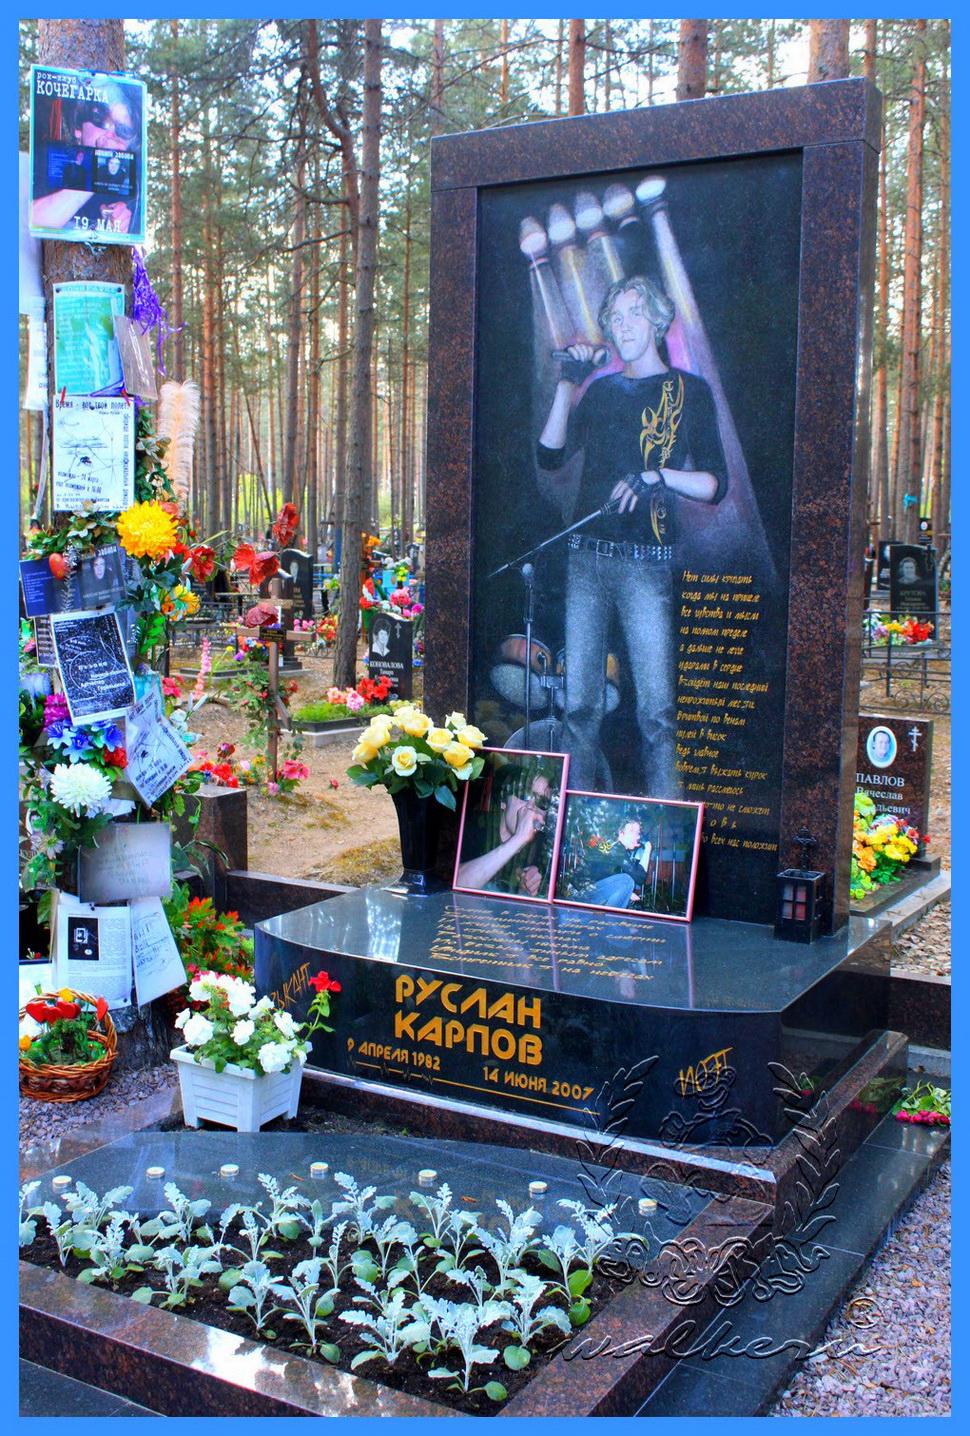 Карпов Руслан